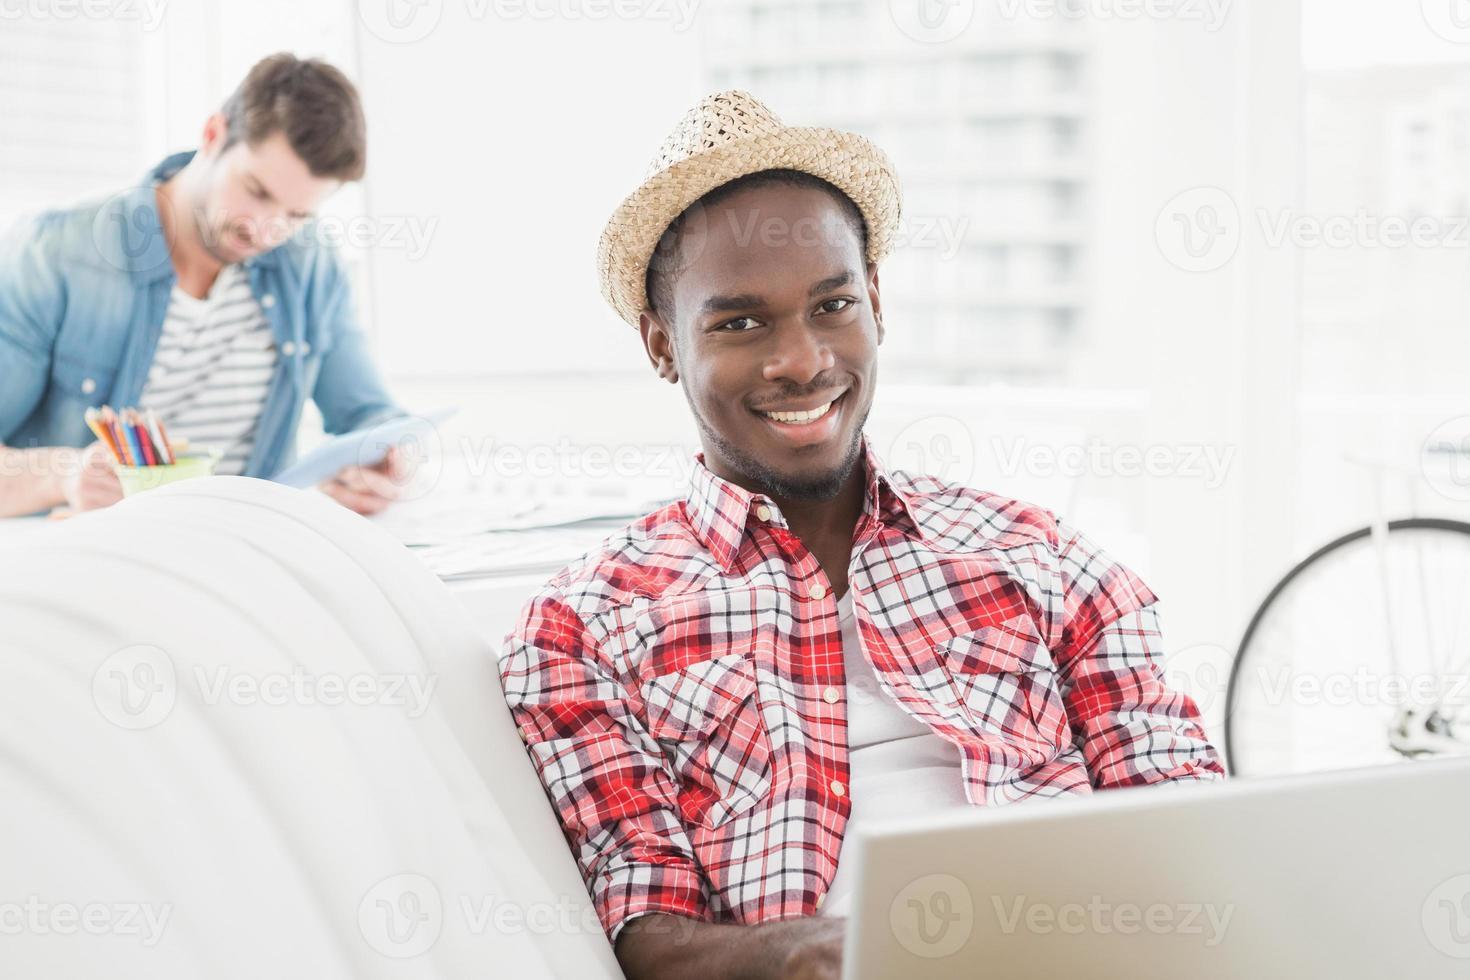 affärsman som använder laptop och tittar på kameran foto